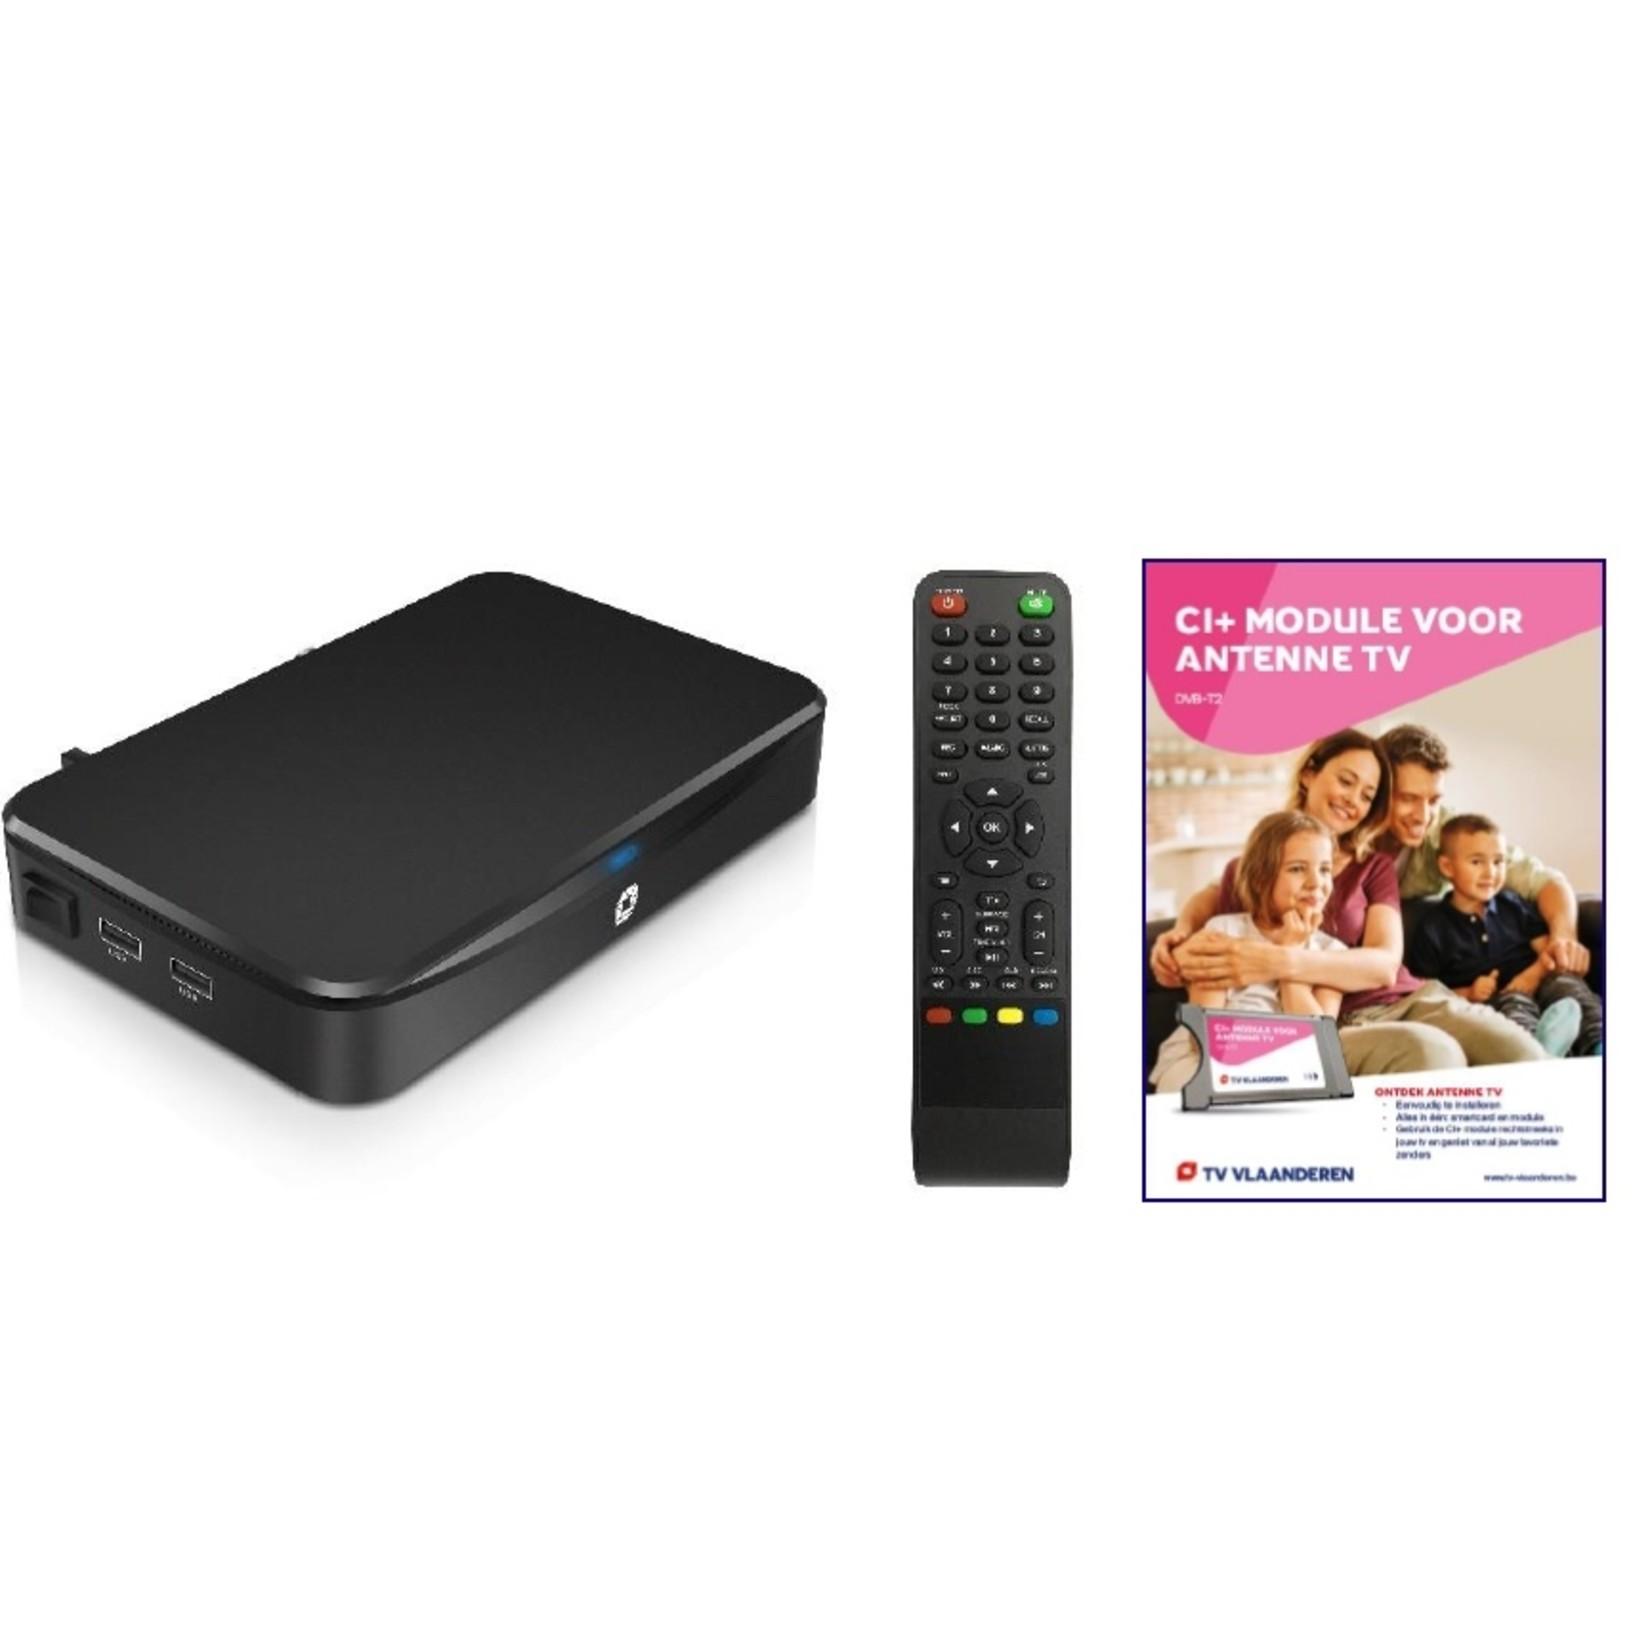 TV VLAANDEREN DVB-T ONTVANGER DVB-T2 : MET CI+ MODULE EN SMARTCARD